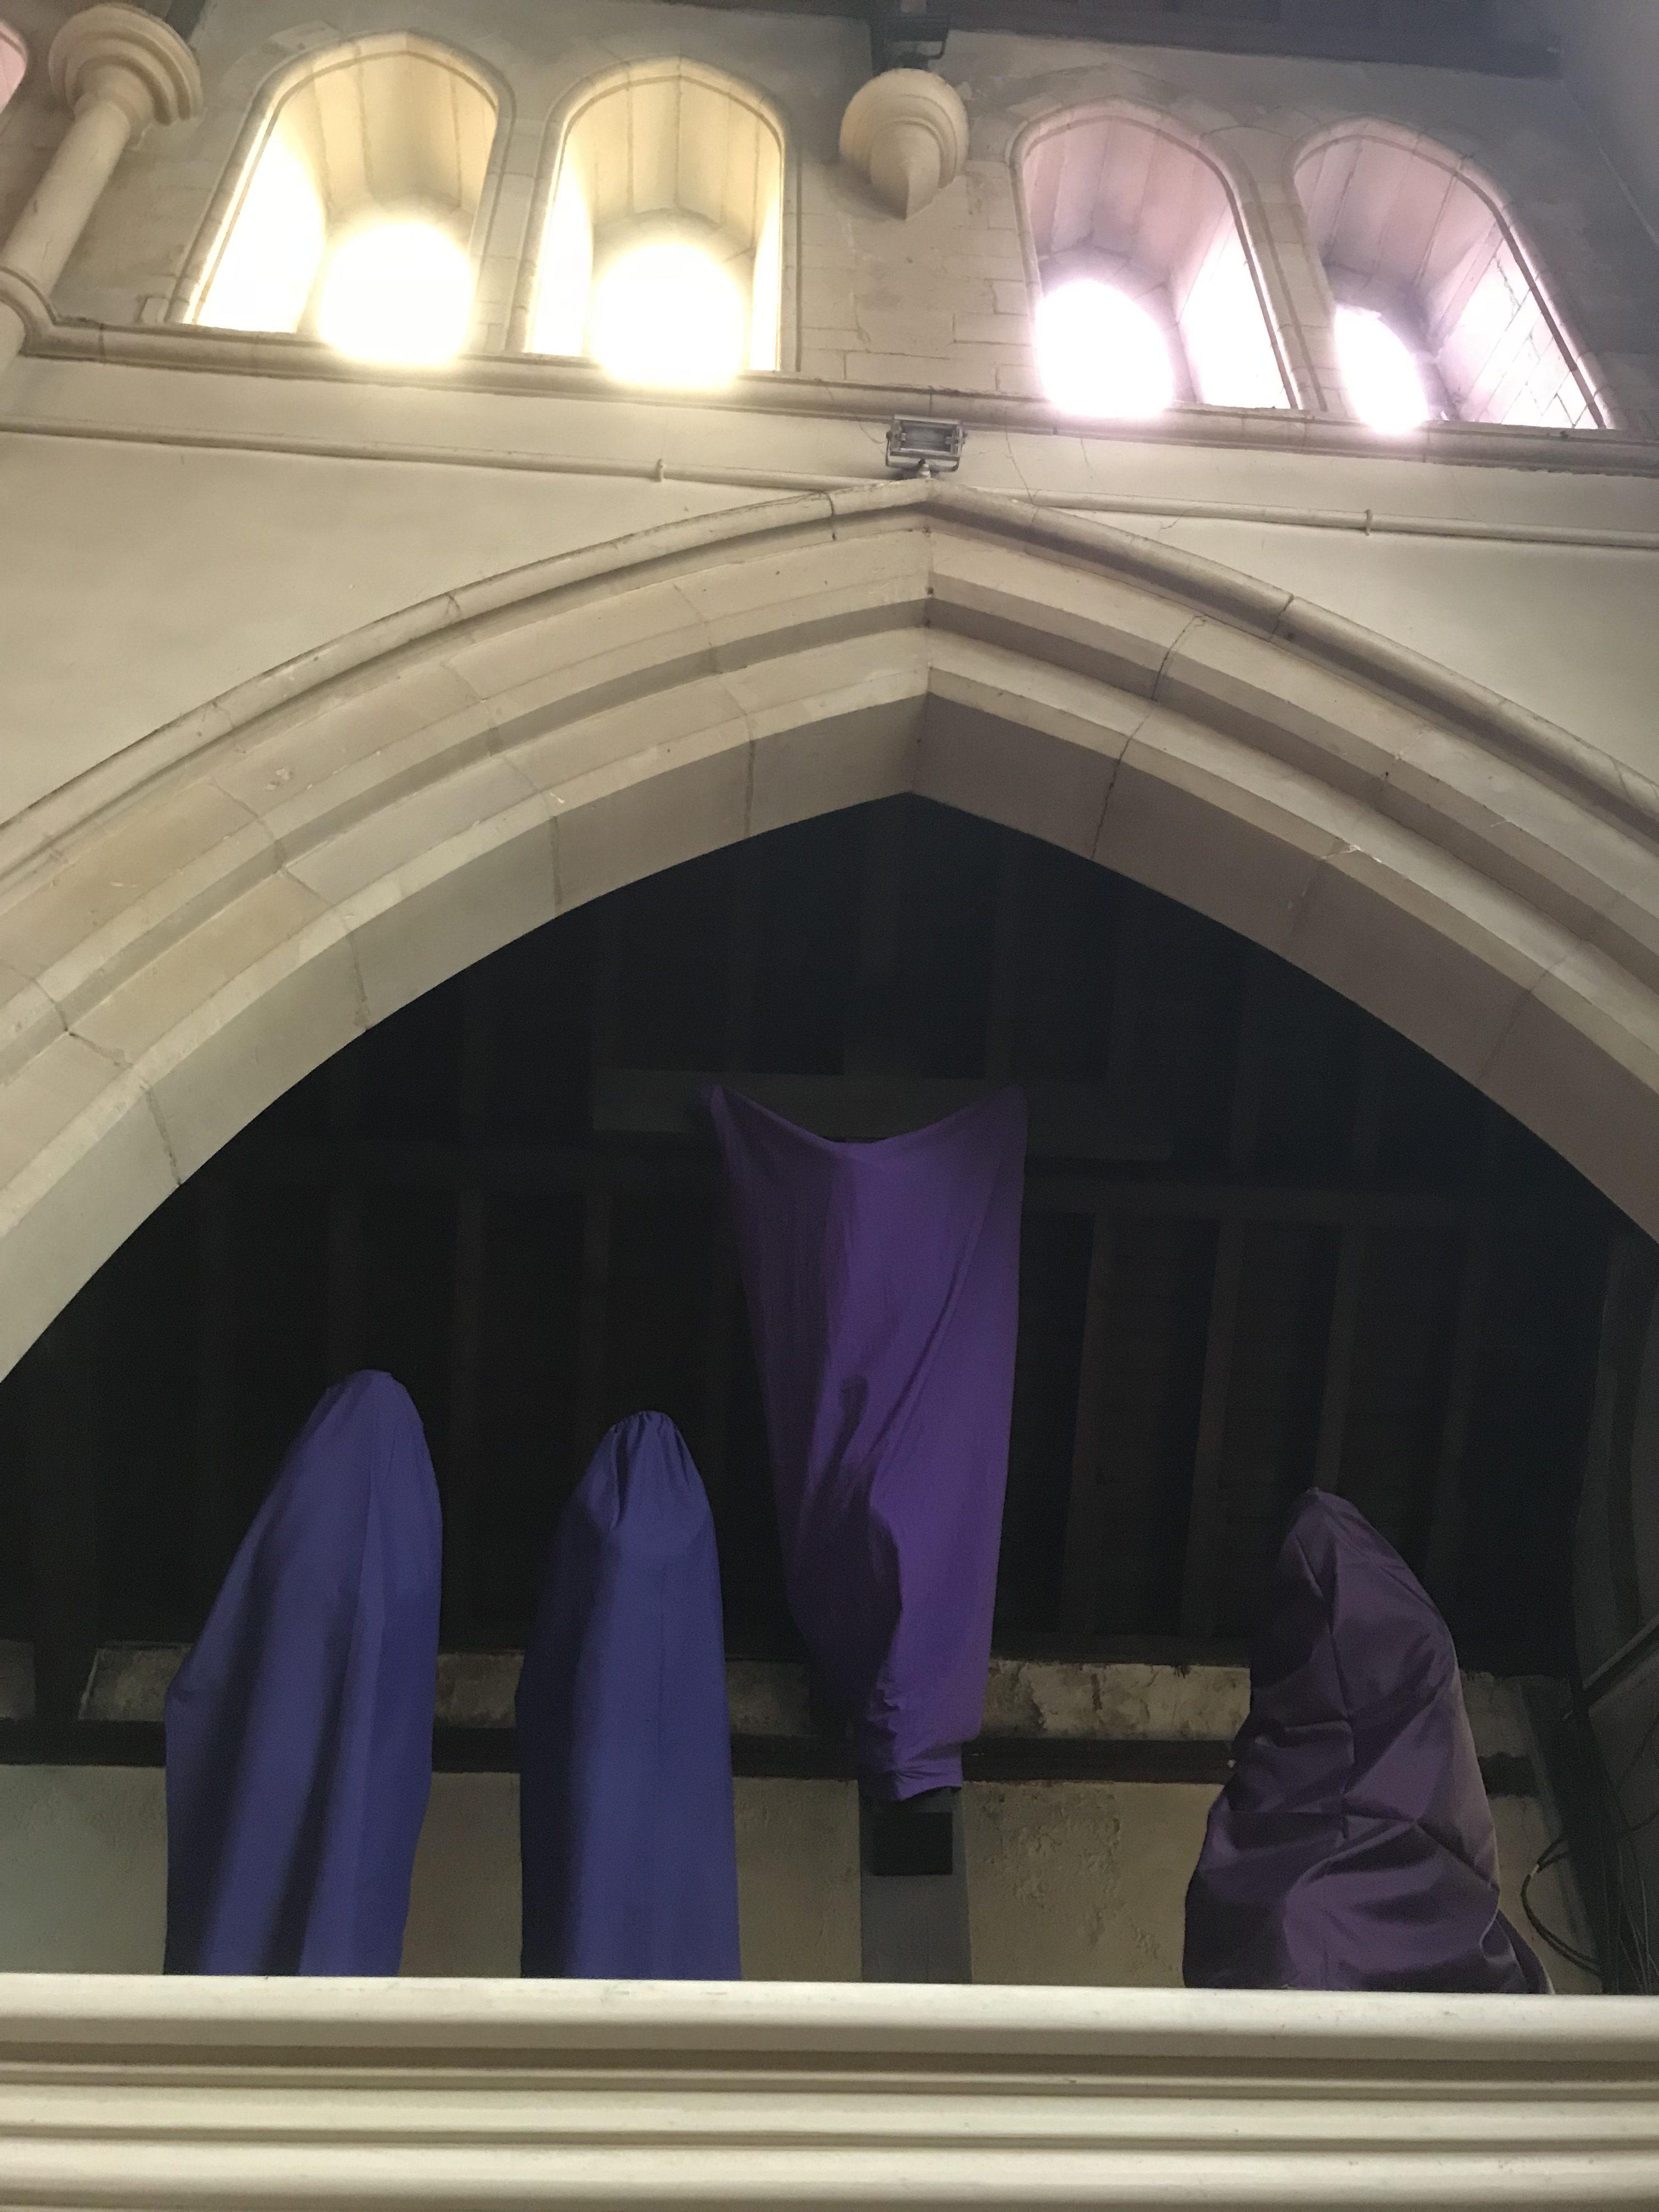 depuis le dimanche de la Passion (une semaine avant les Rameaux) et jusqu'au Gloria de la messe de Pâques  toutes les statues et Croix sont voilées, en signe du deuil que porte l'Eglise, ne laissant apparaître que le chemin de croix,.